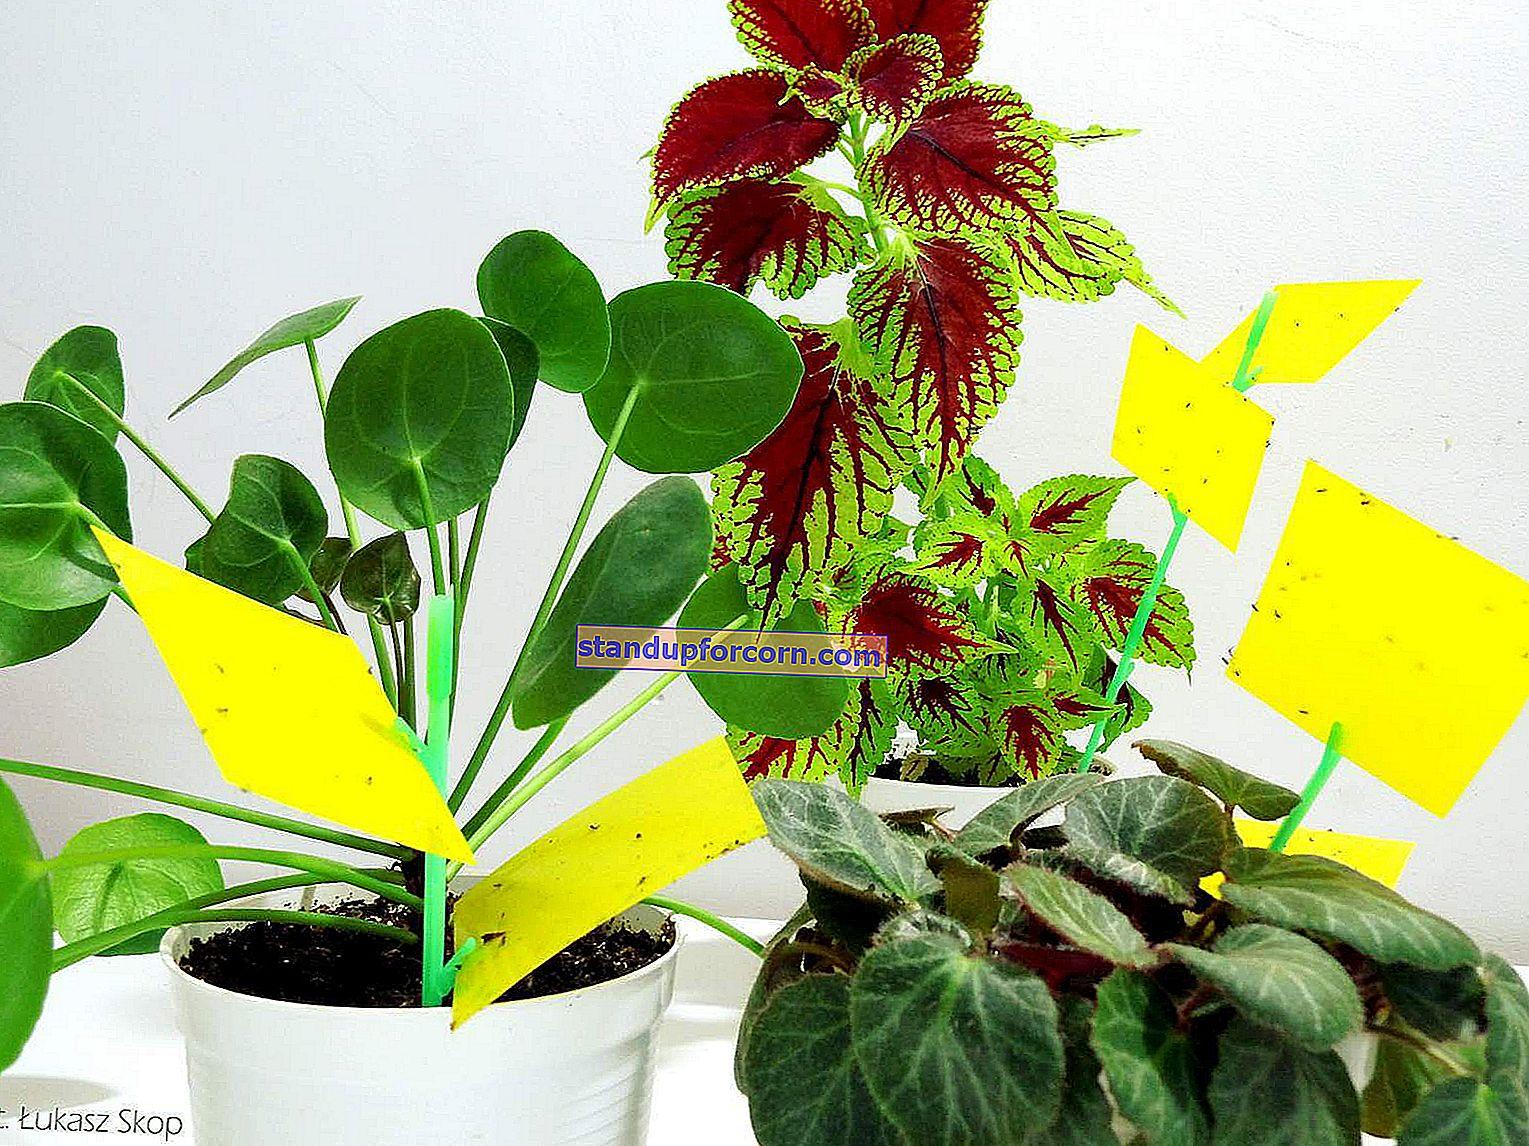 Potatisar i krukor med blommor. Hur kämpar man ekologiskt?